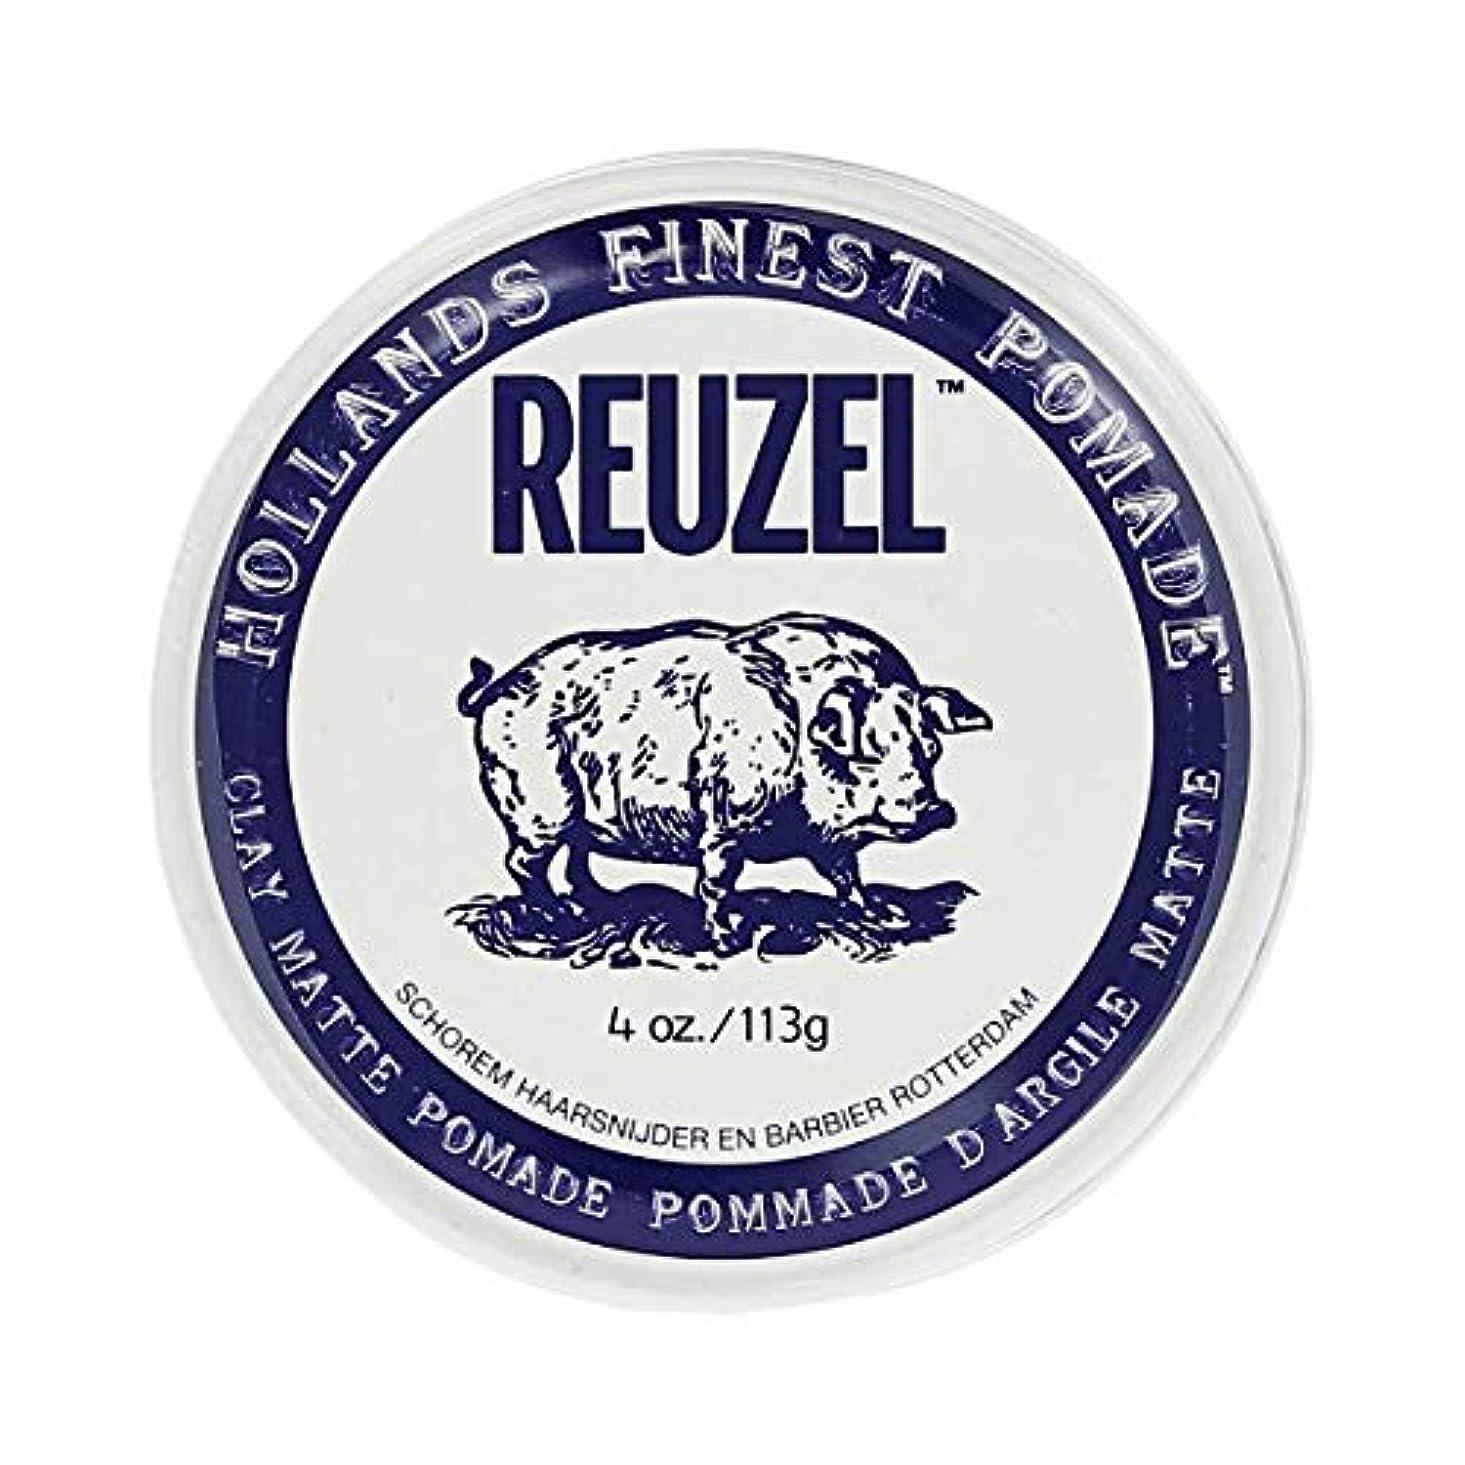 中央値征服然としたREUZEL ルーゾー マットクレイポマード 113g[海外直送品] [並行輸入品]